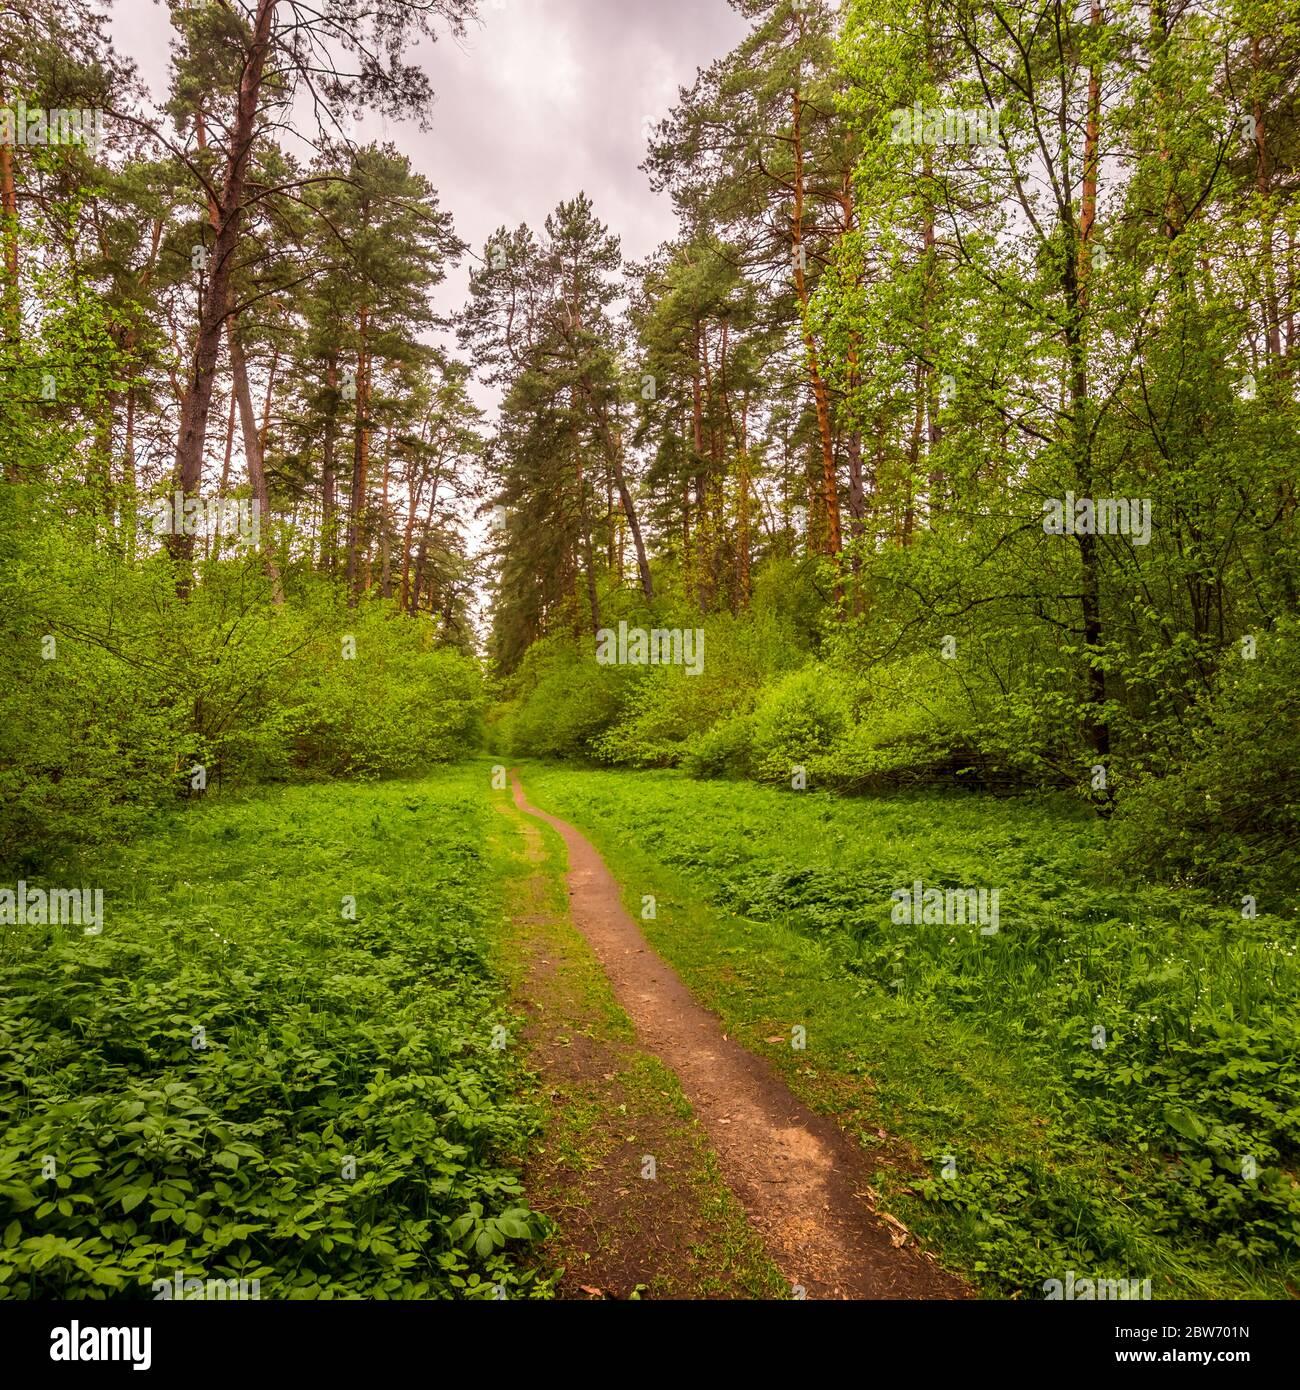 Bosque de pinos primaverales en clima nublado con arbustos con follaje verde joven y un camino que va a la distancia. Foto de stock